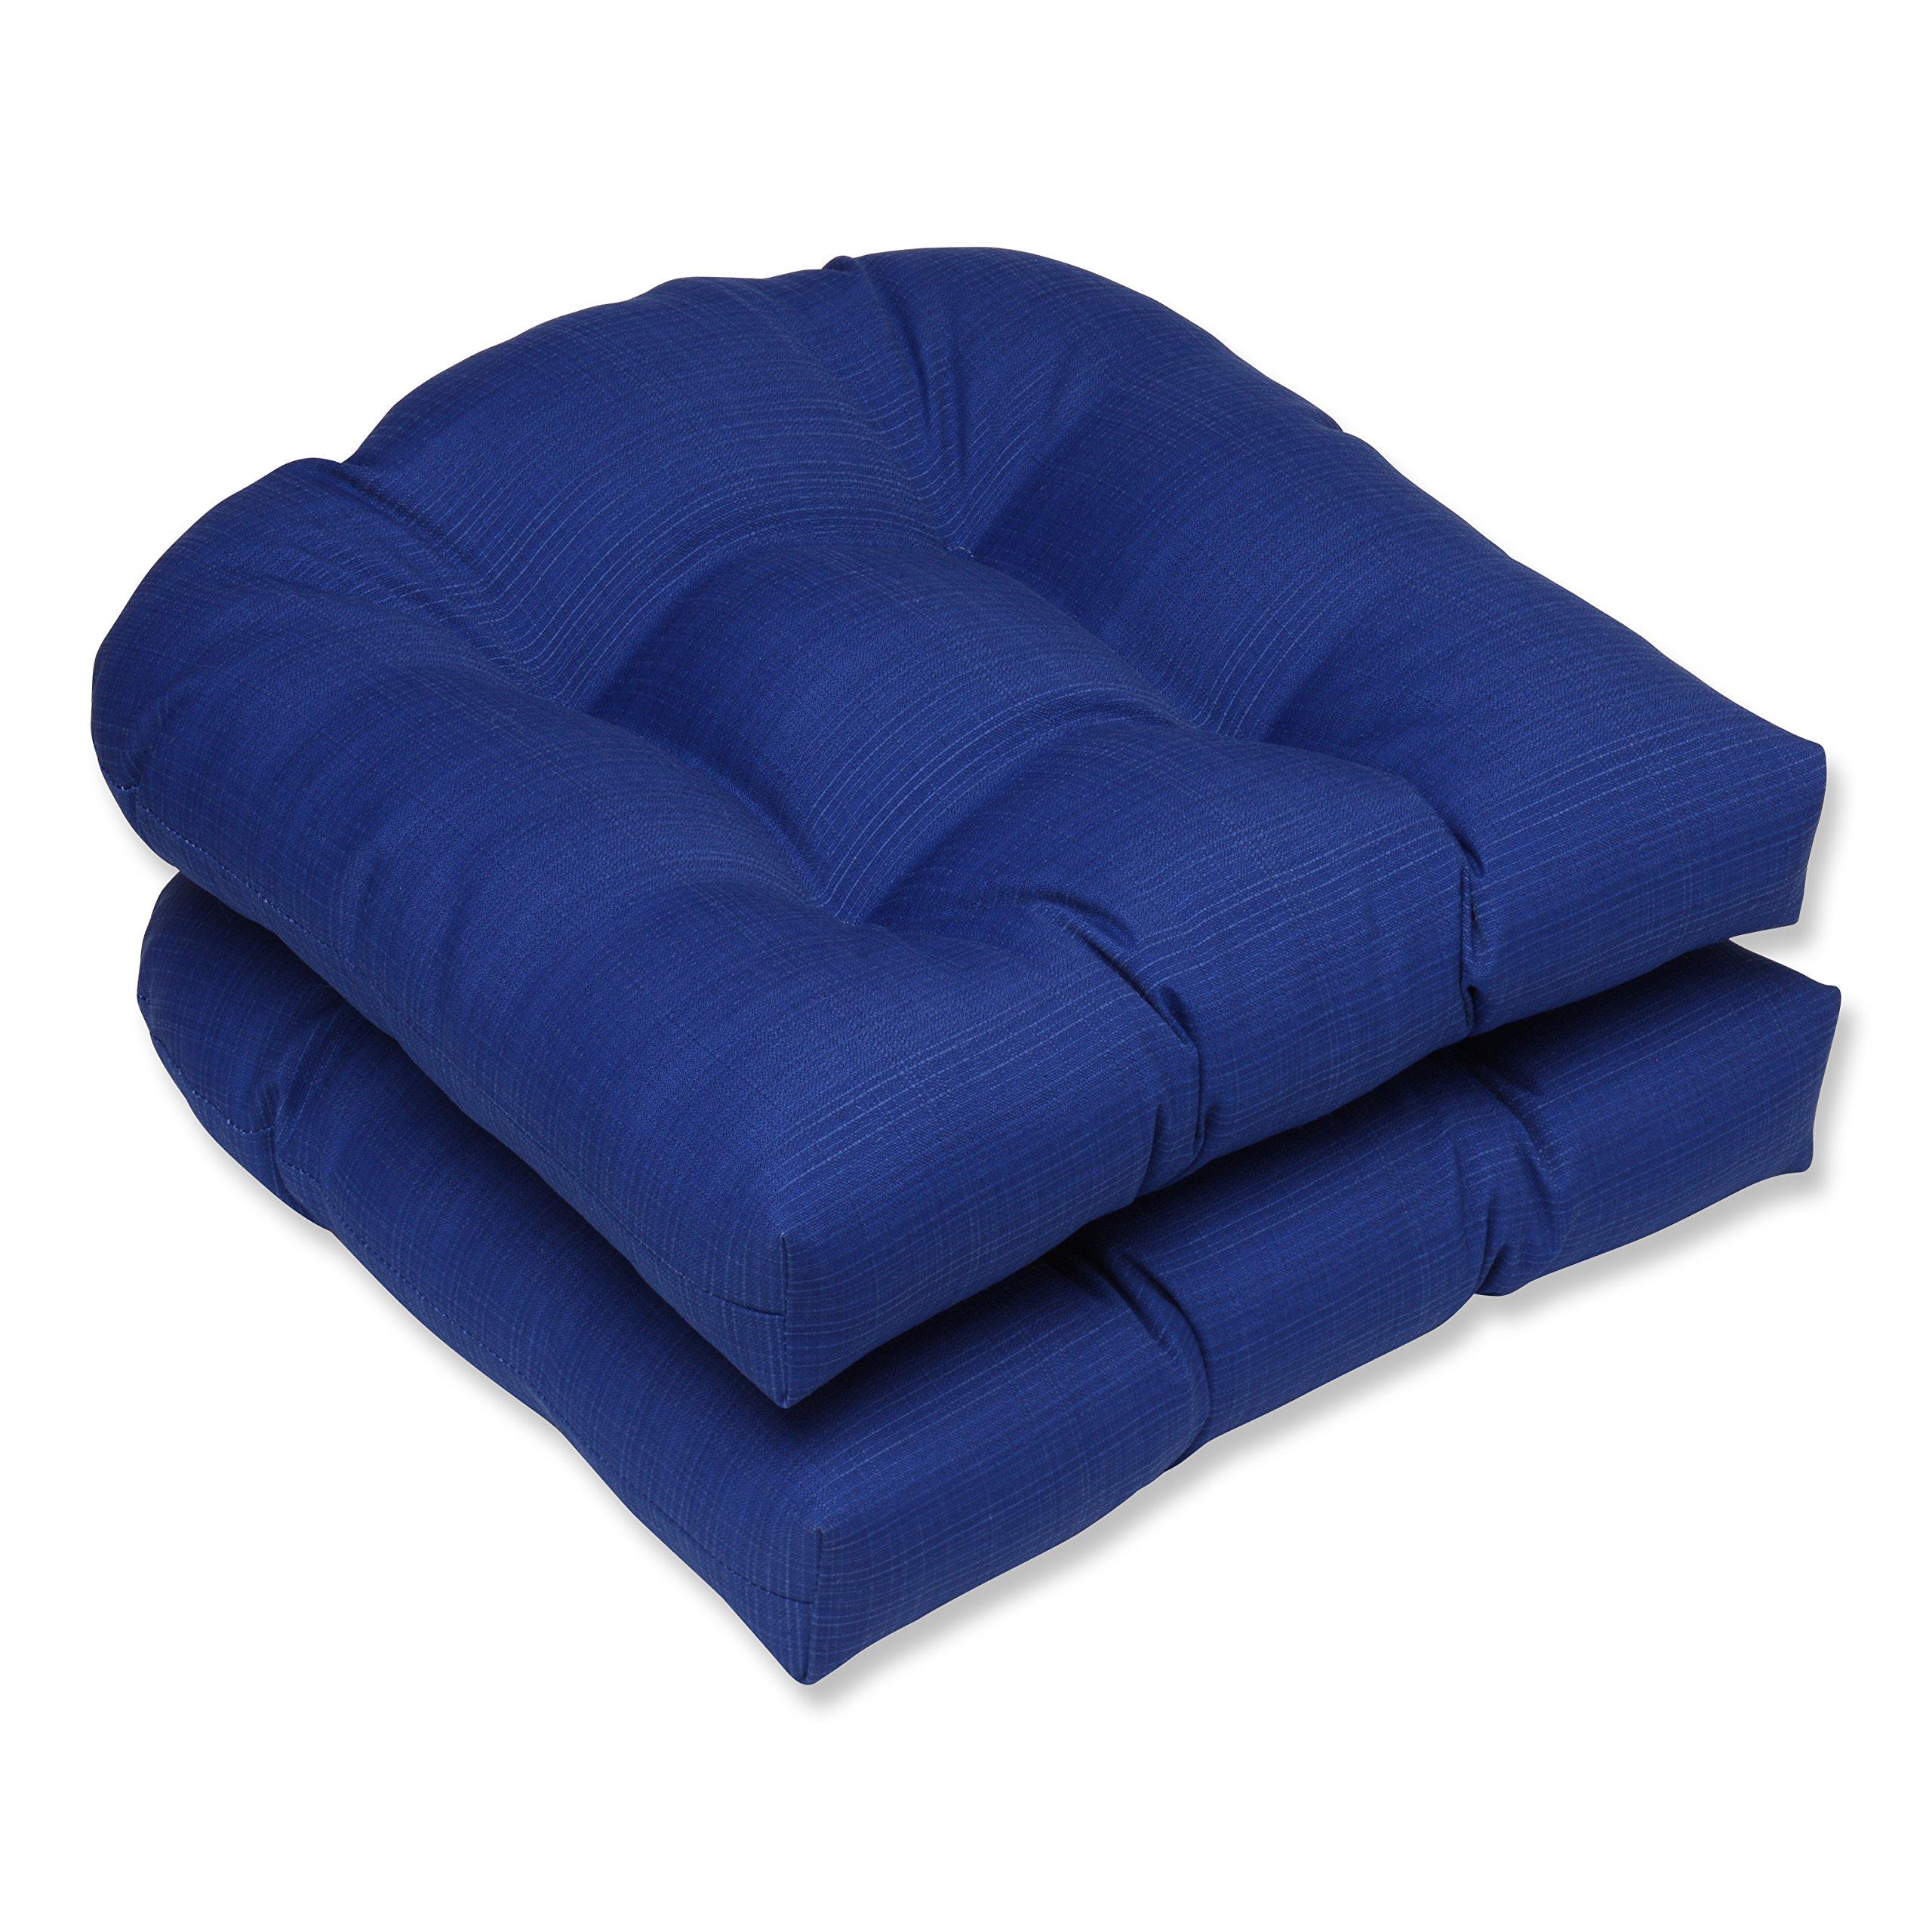 Pillow Perfect Outdoor/Indoor Wicker Seat